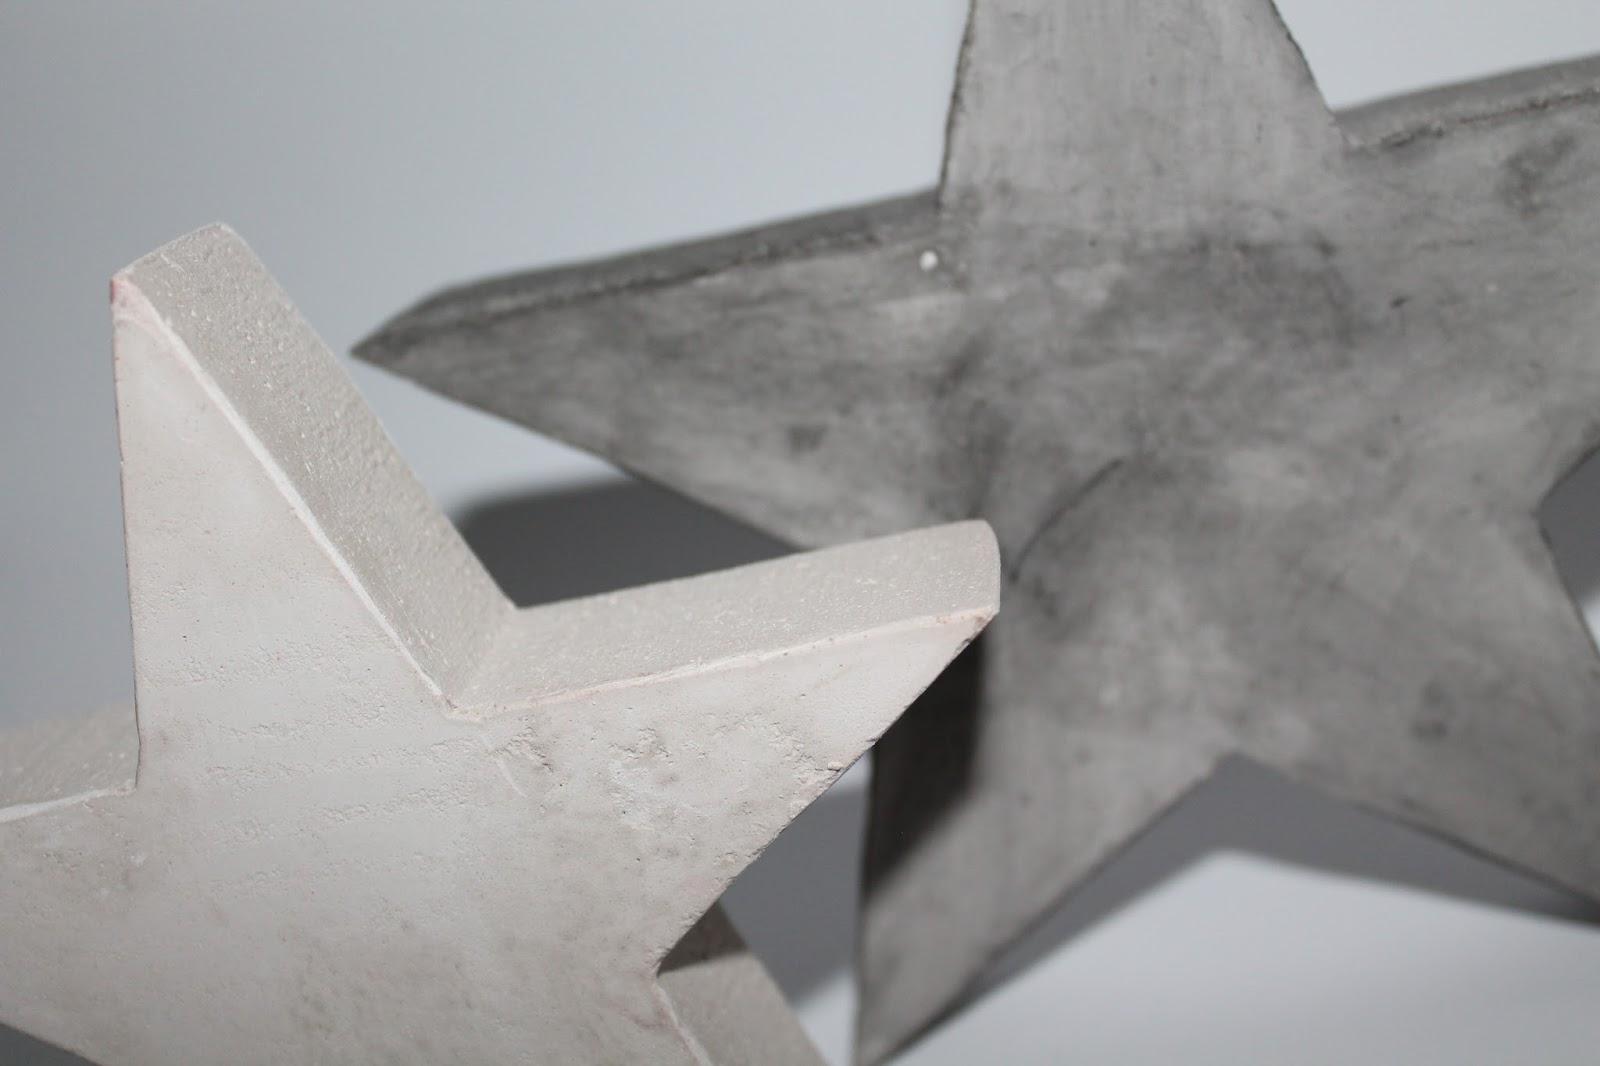 DIY, Basteln: Gips / Beton Sterne als Dekoration, Gartendekoration, Weihnachtsdekoration und Geschenkidee - DIYCarinchen